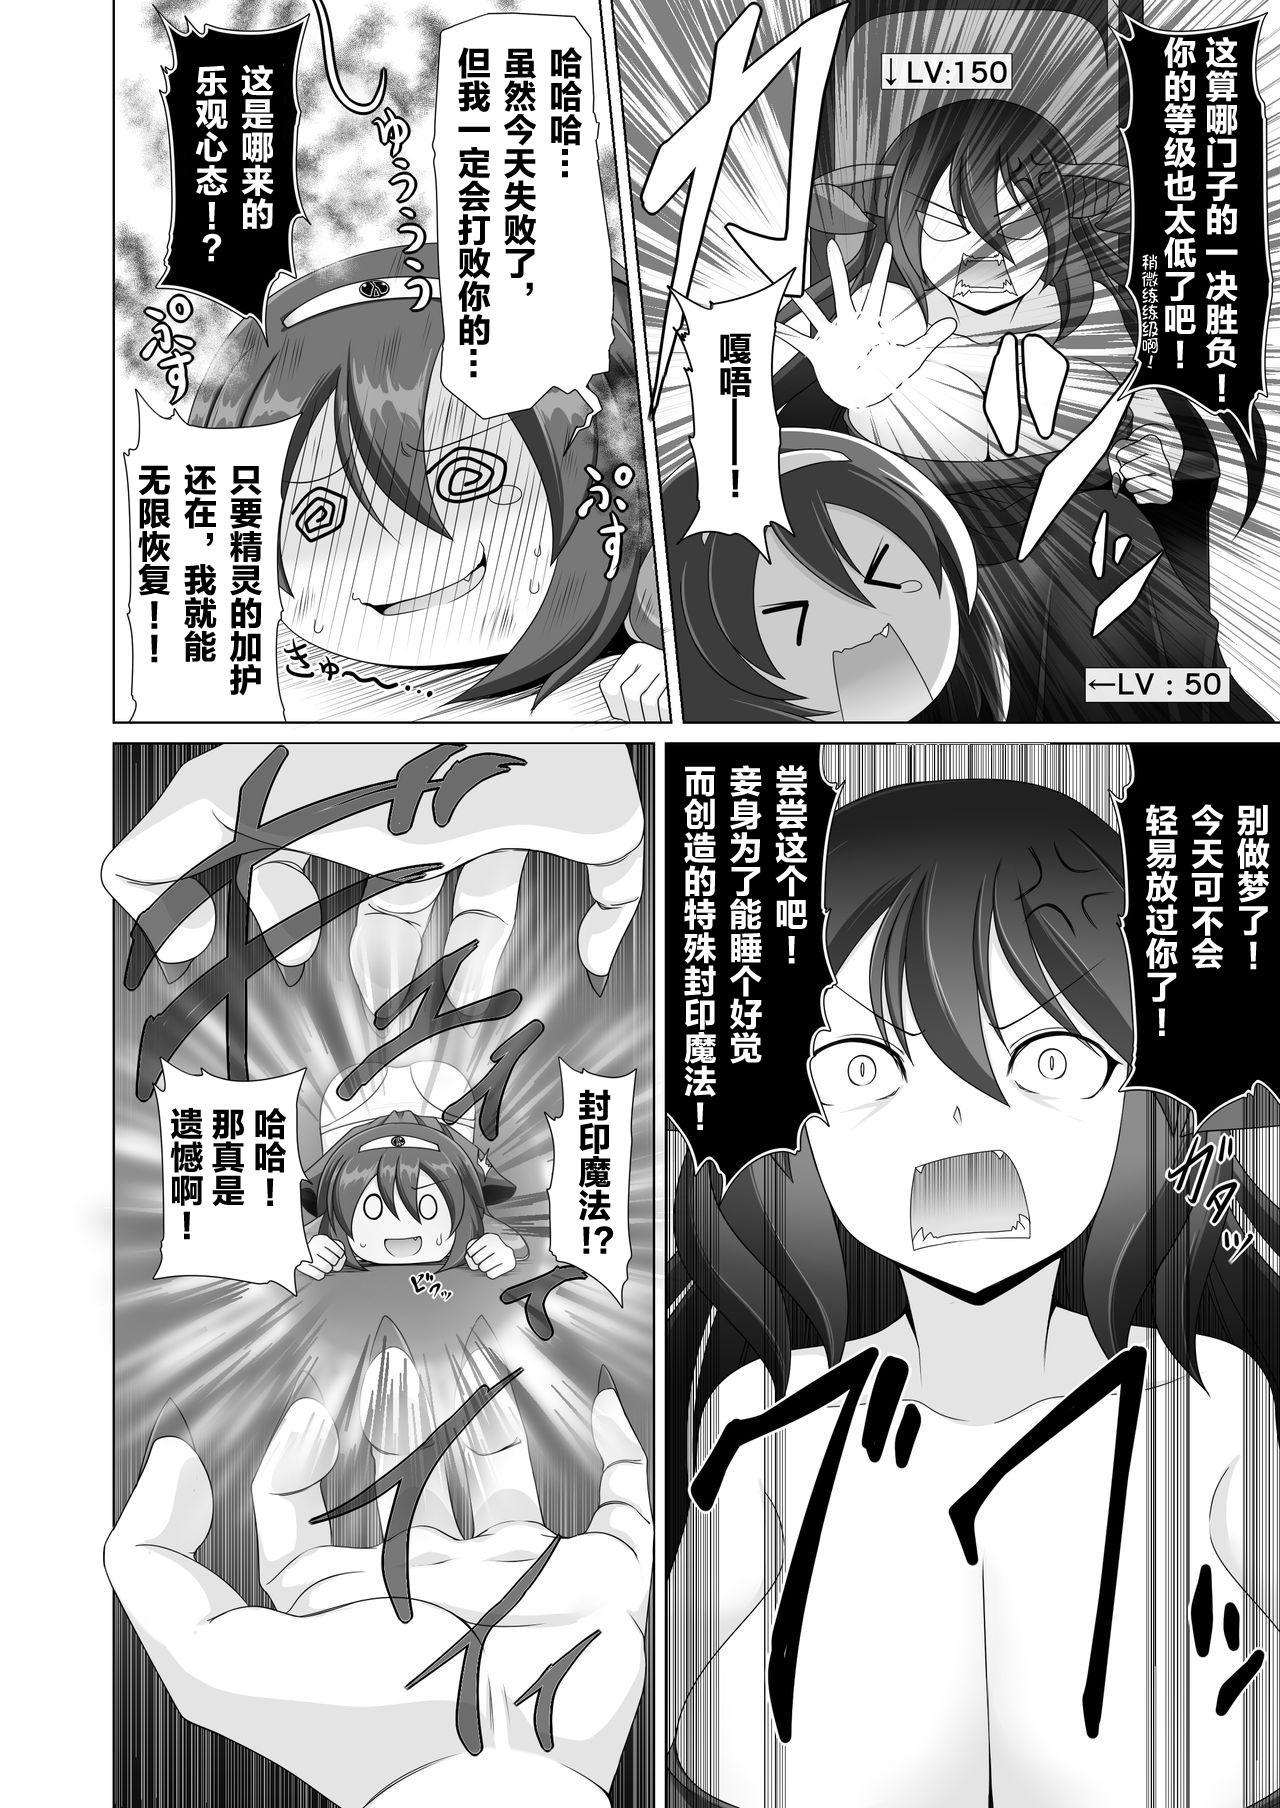 Seirei no Kago no Chikara de nan do mo Fukkatsu shite kita Yūsha wa Maō ni yotte KuriBOX ni sarete shimaimashita 4